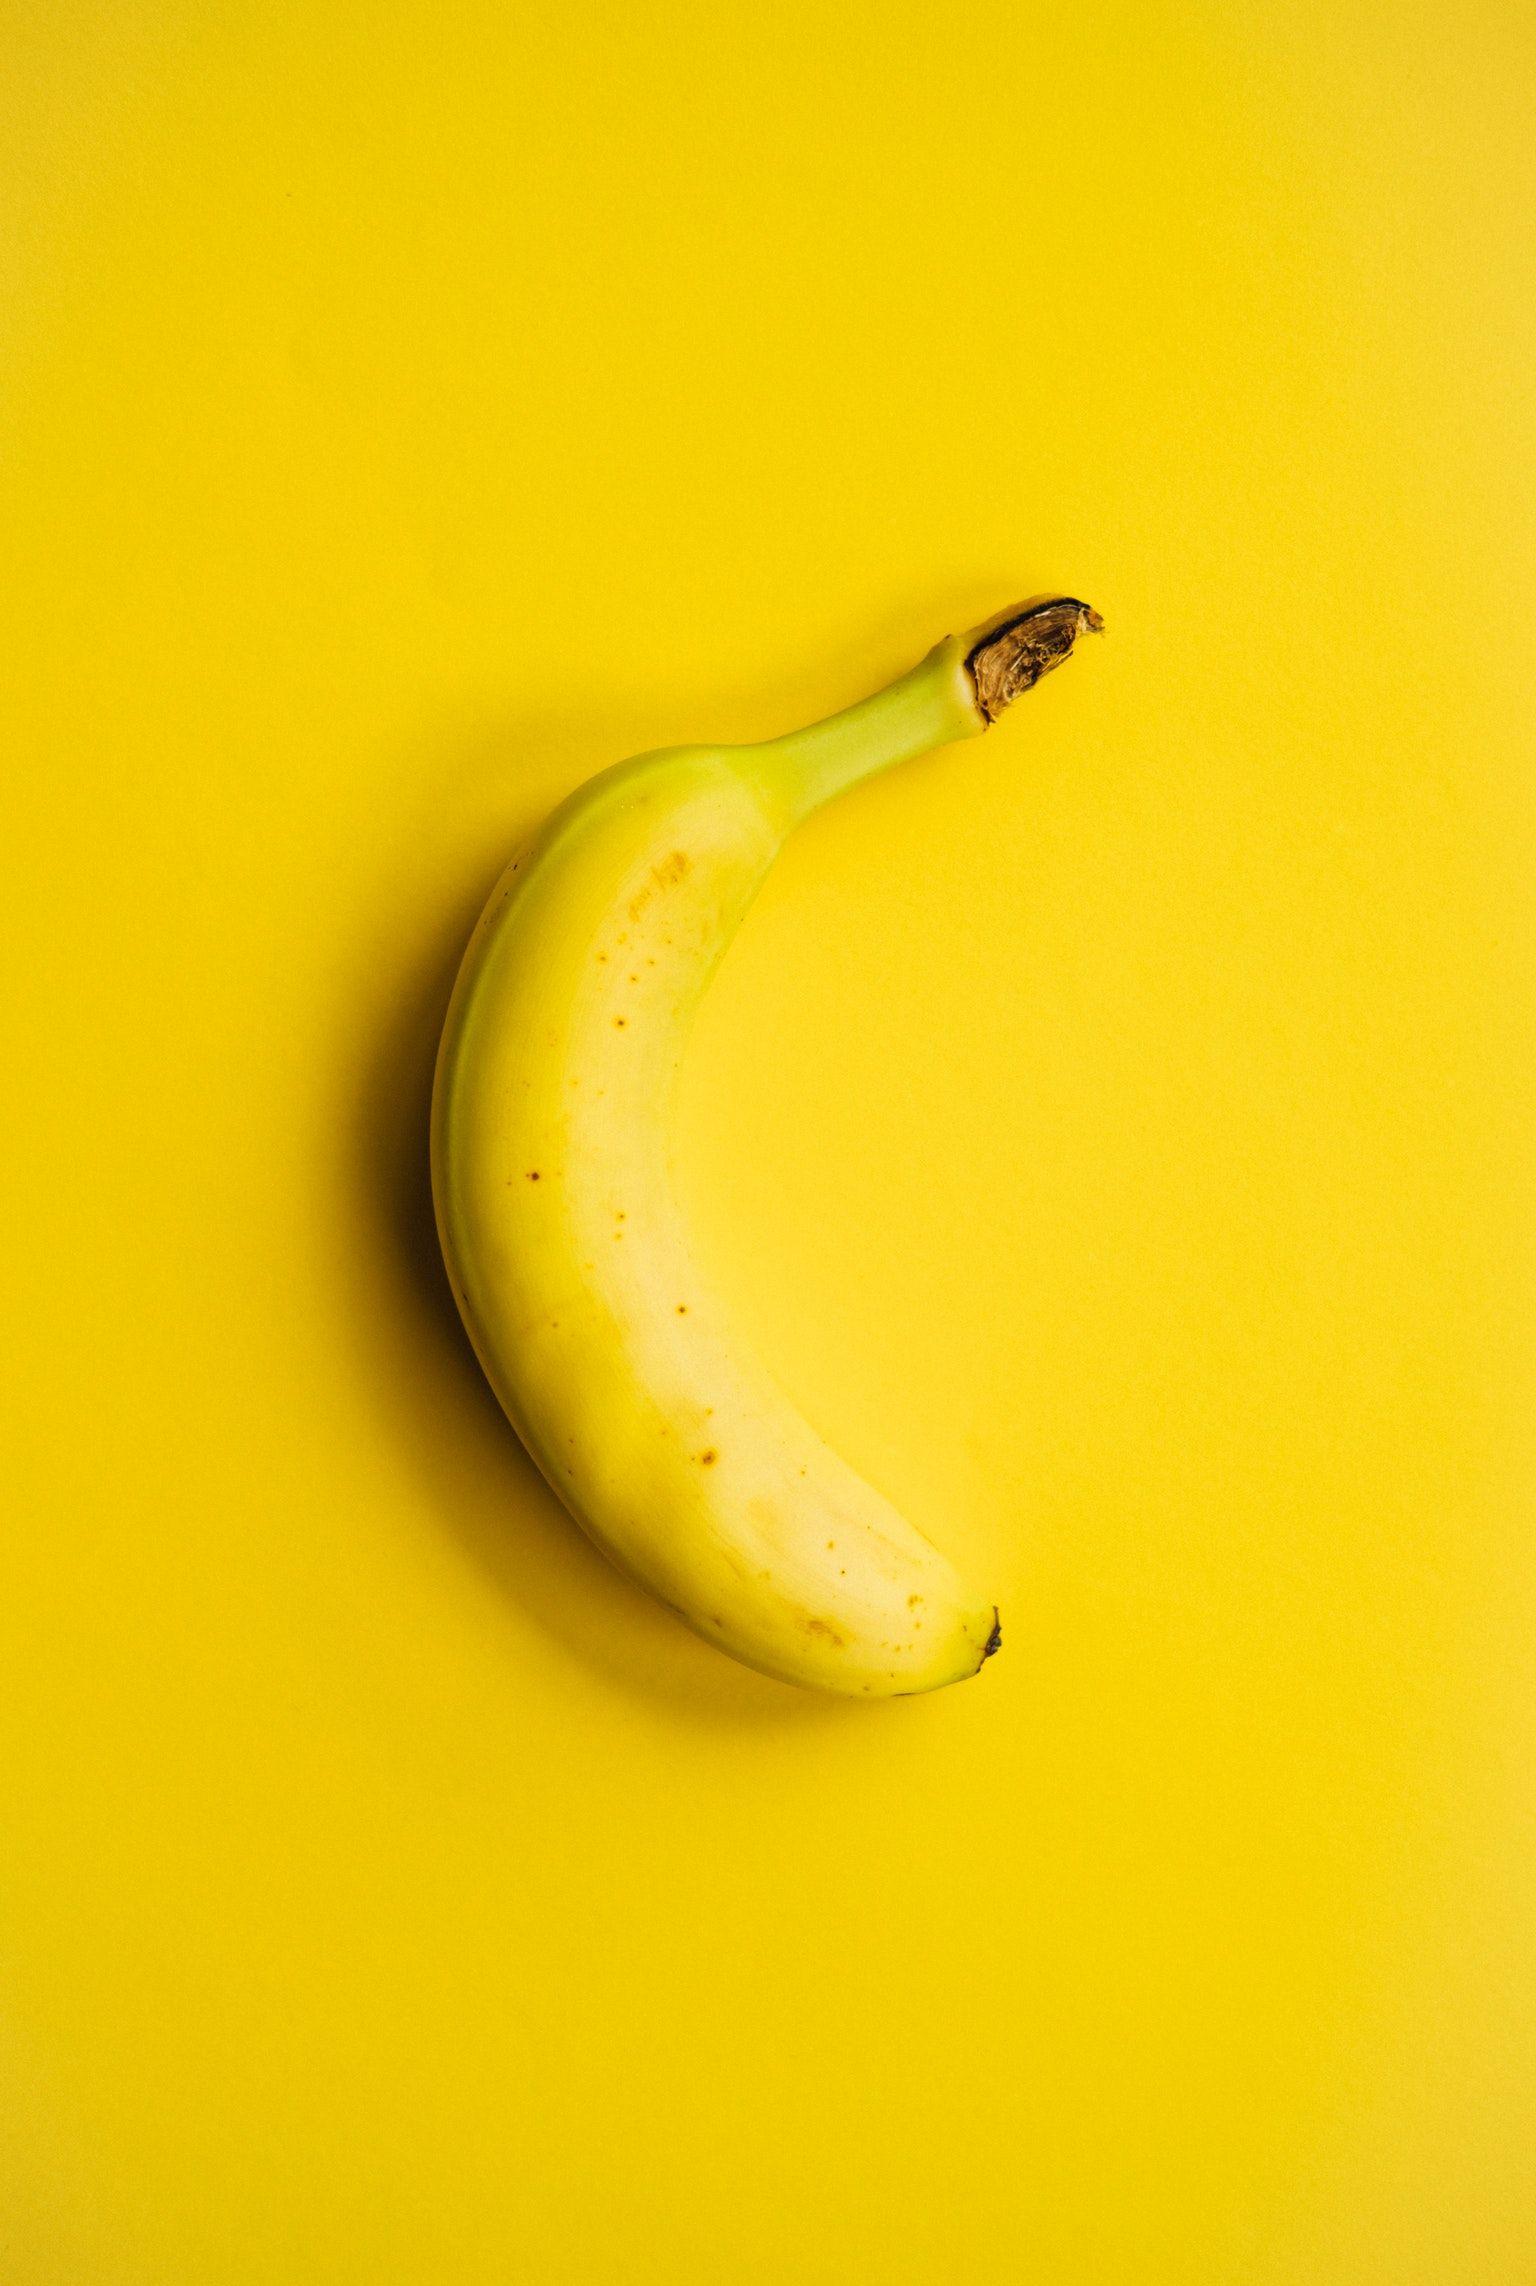 картинки банана и часовая название пантелеймоновский мост